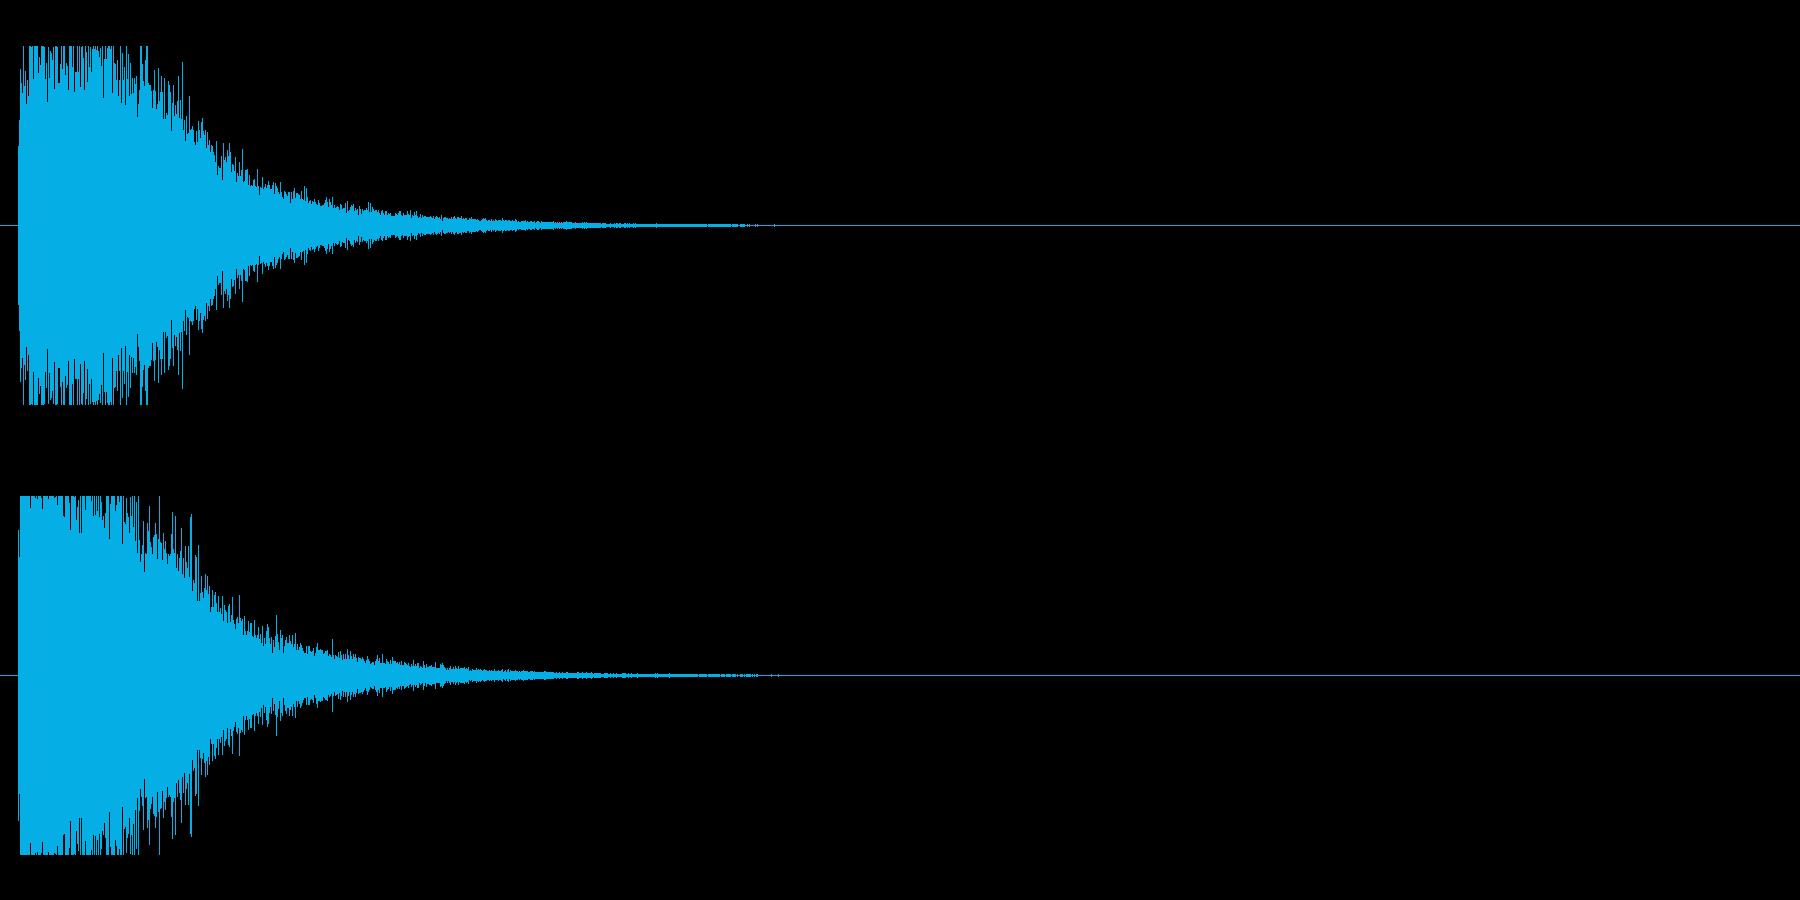 レーザー音-77-1の再生済みの波形